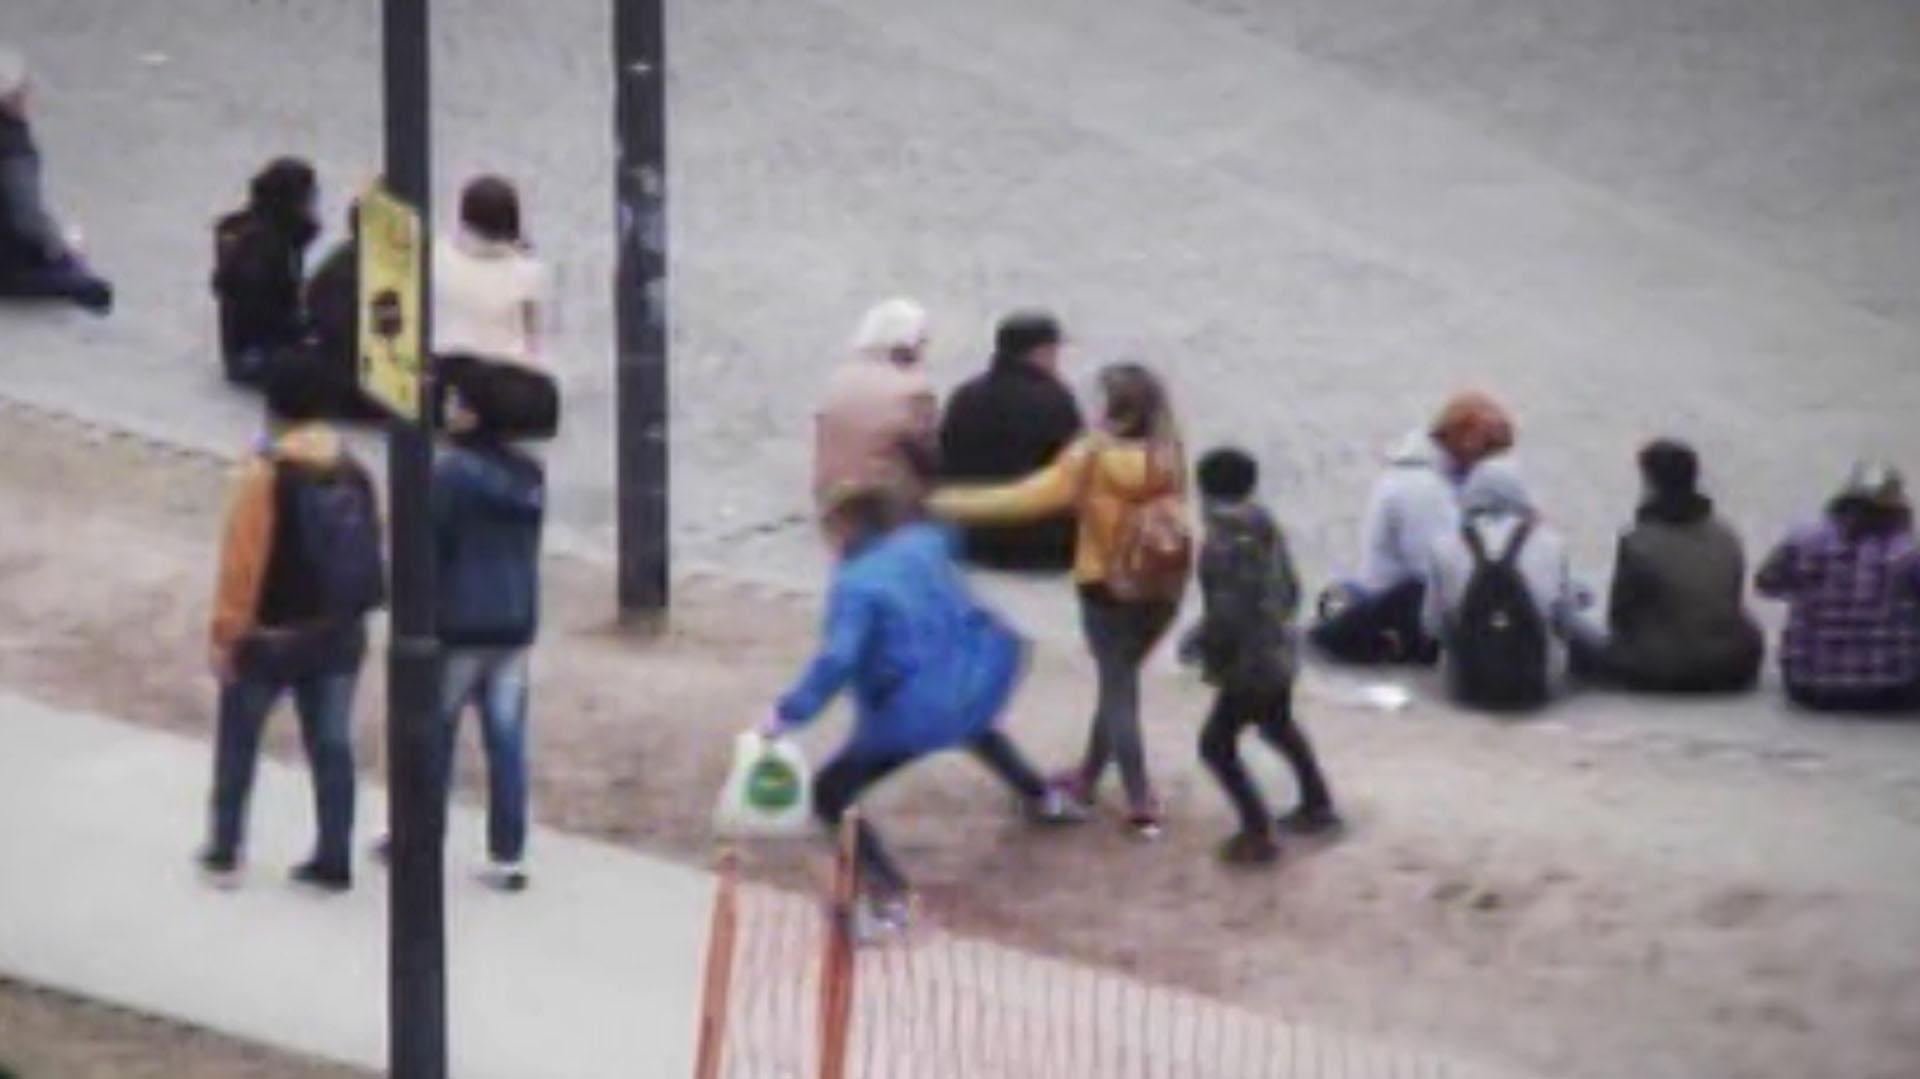 Los peatones distraídos son abordados por la espalda